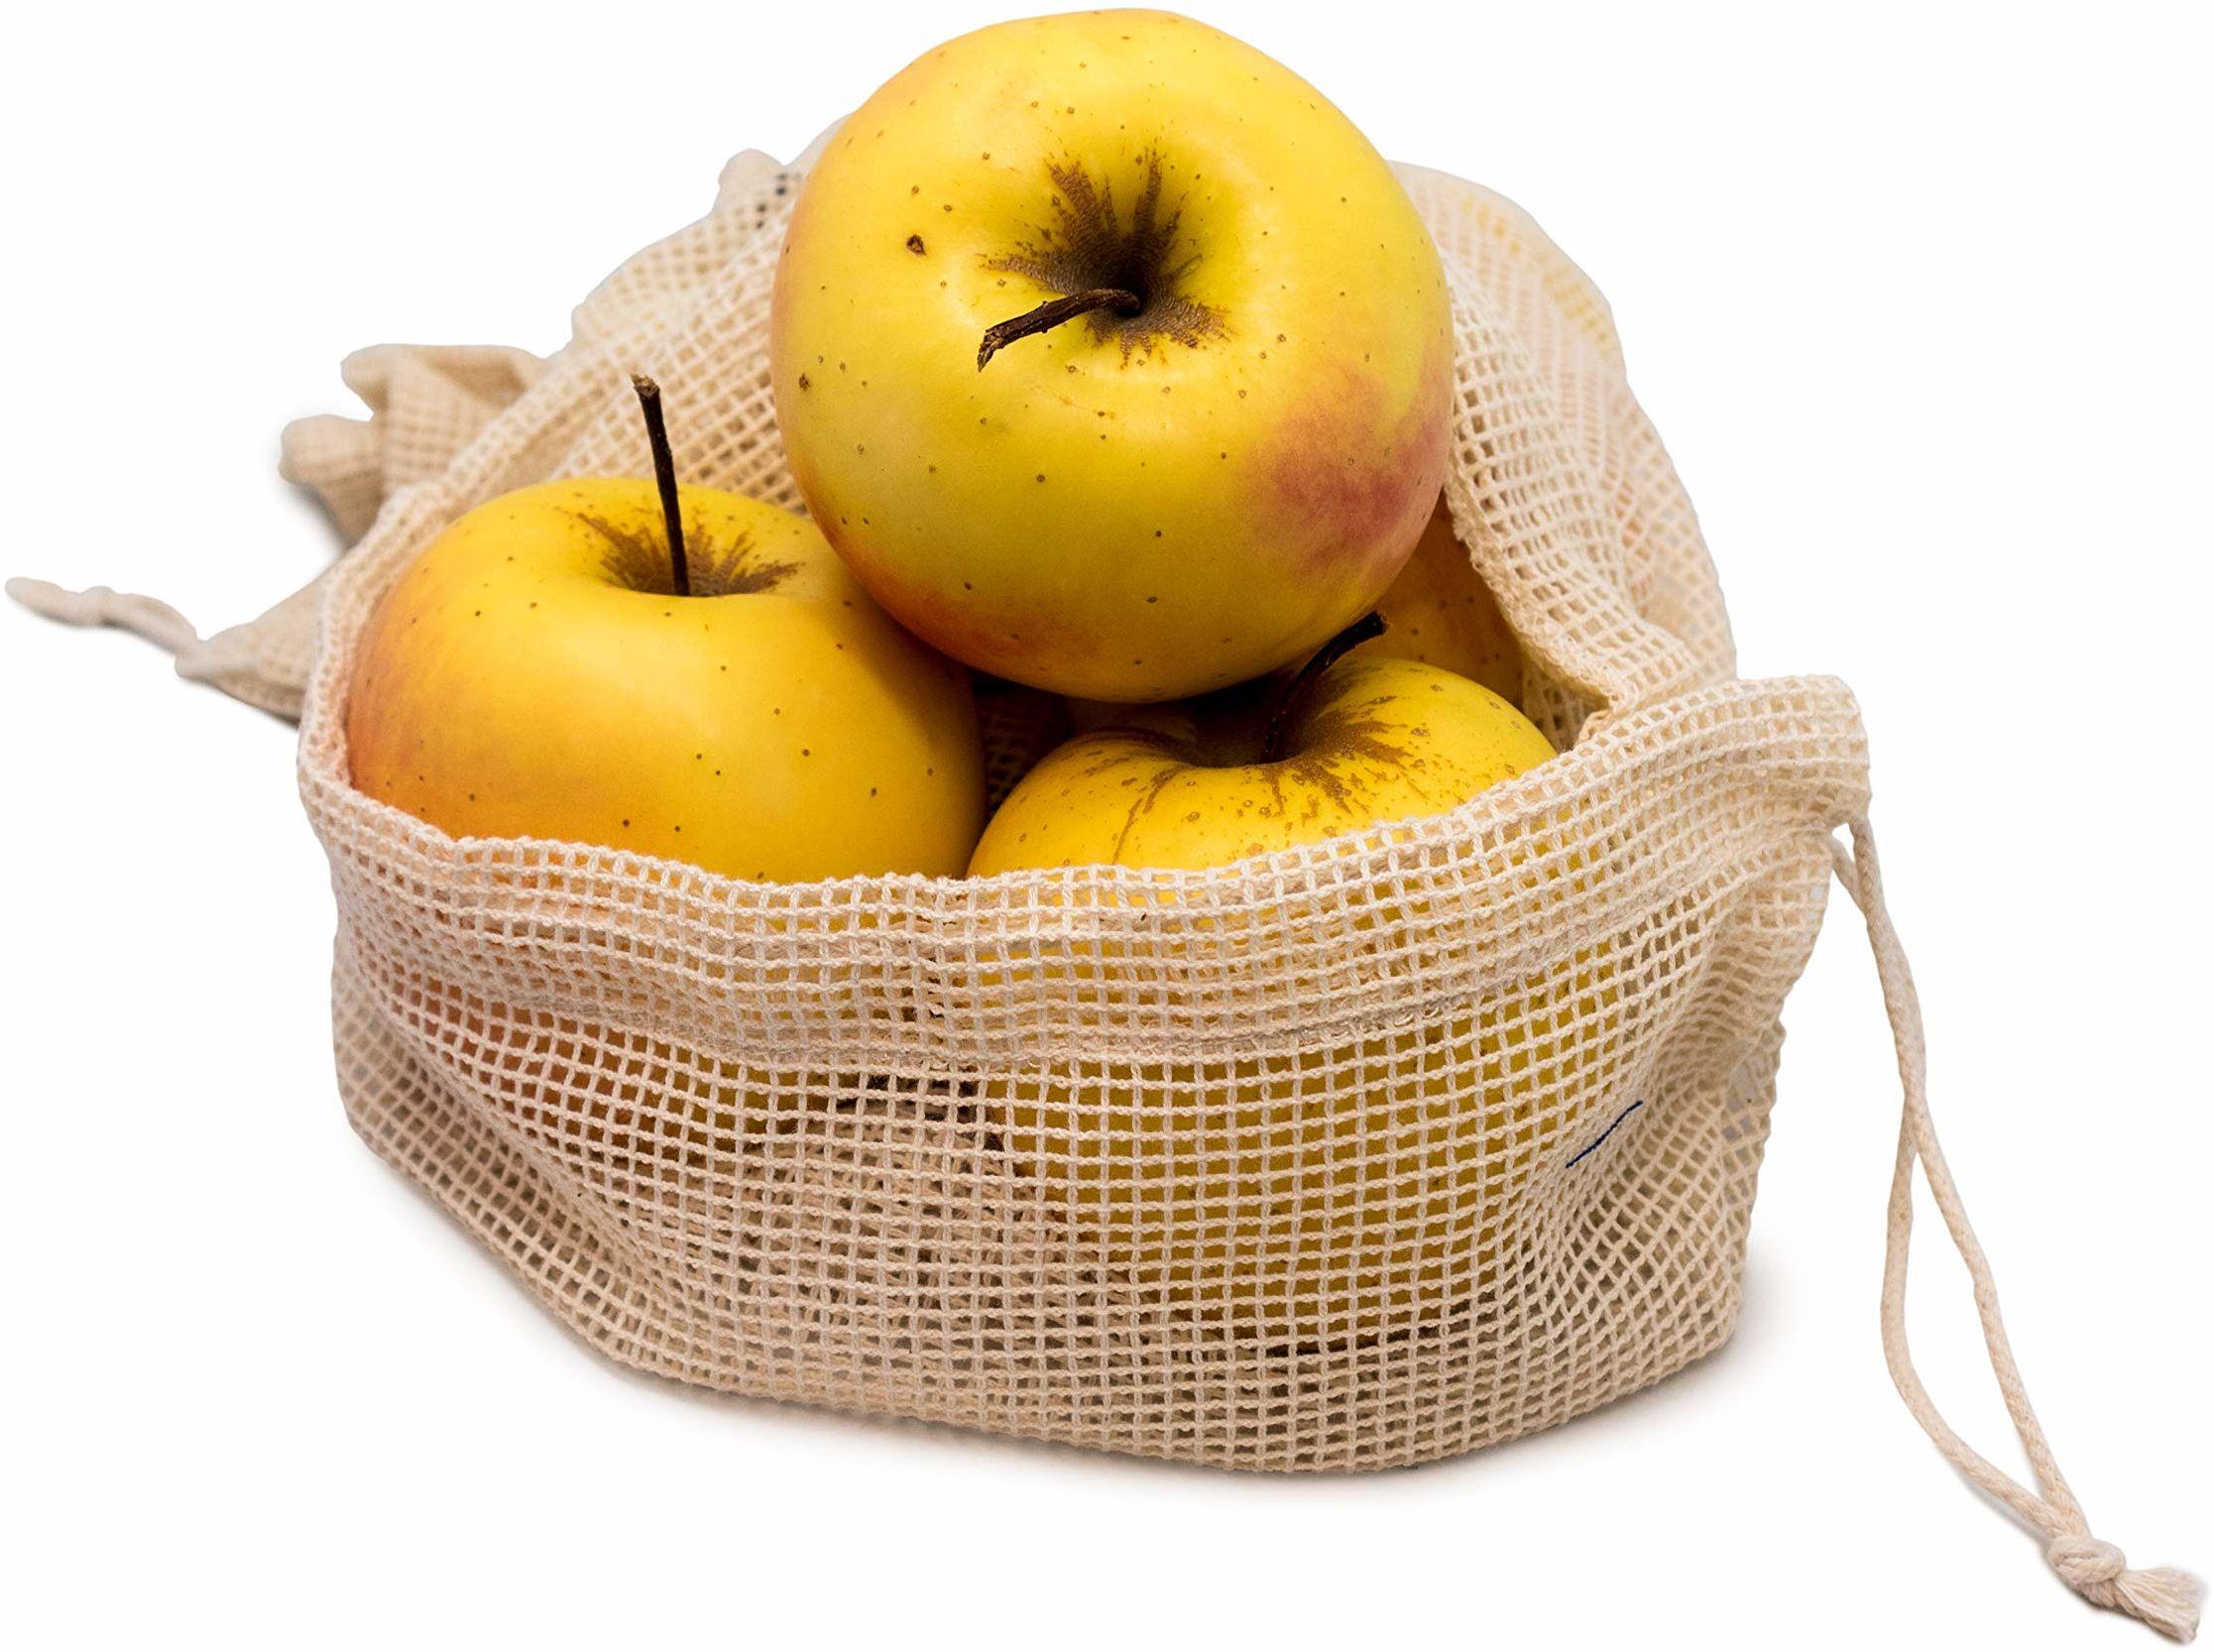 Nerthus FIH 674 674 zestaw toreb na żywność wielokrotnego użytku, na świeże produkty, owoce i warzywa, 3 rozmiary, 100% bawełna organiczna, 3 rozmiary